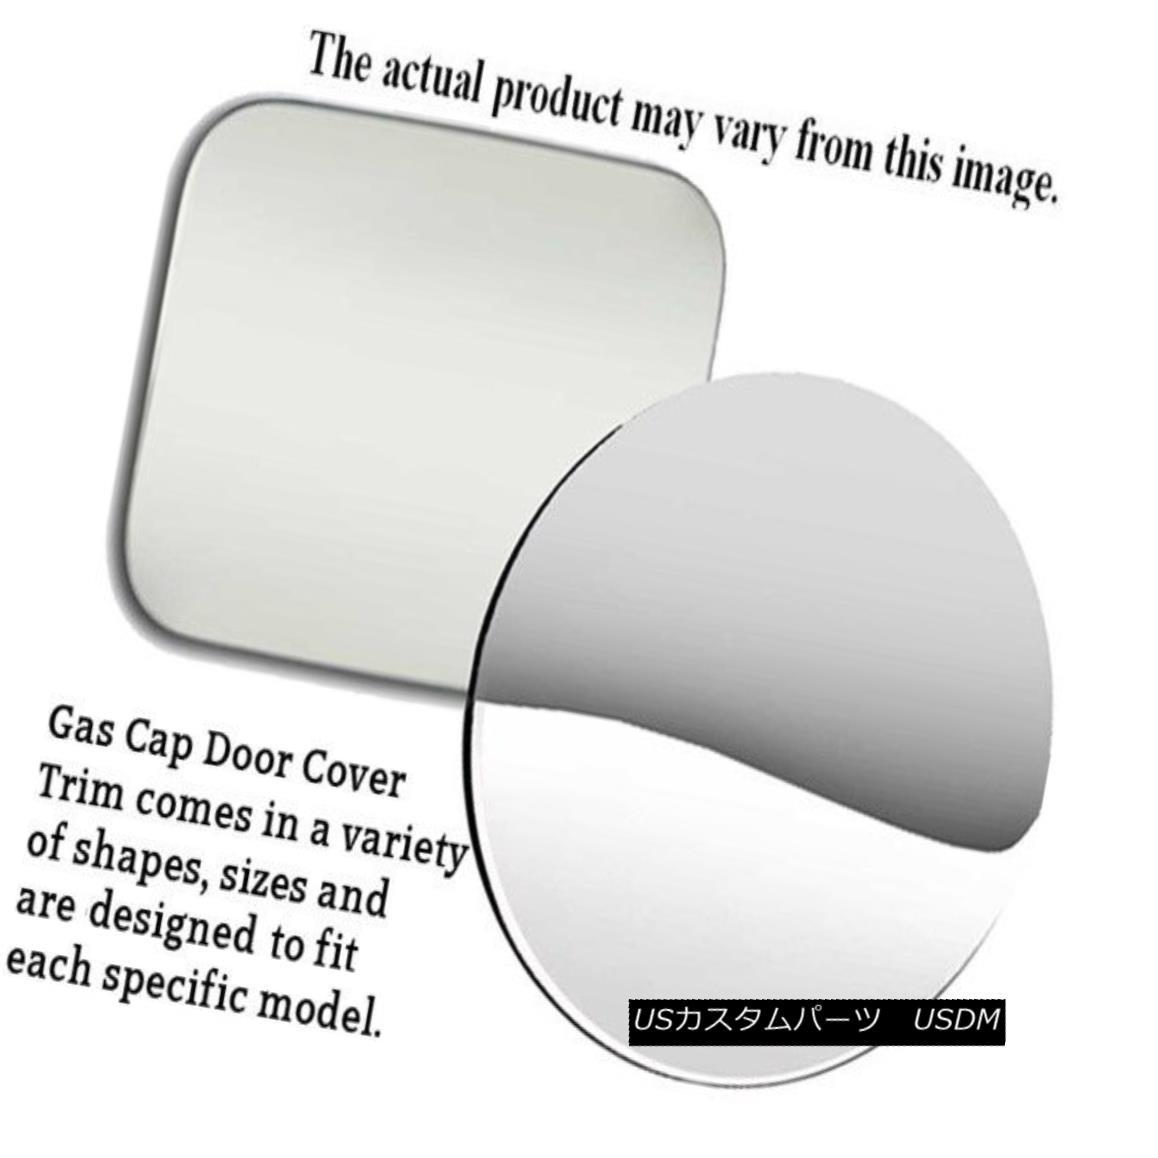 グリル Fits 2006-2009 HONDA RIDGELINE 4-door -Stainless Steel GAS CAP DOOR 2006?2009年のホンダRIDELINE 4ドア - ステンレススチールガスCAP DOOR